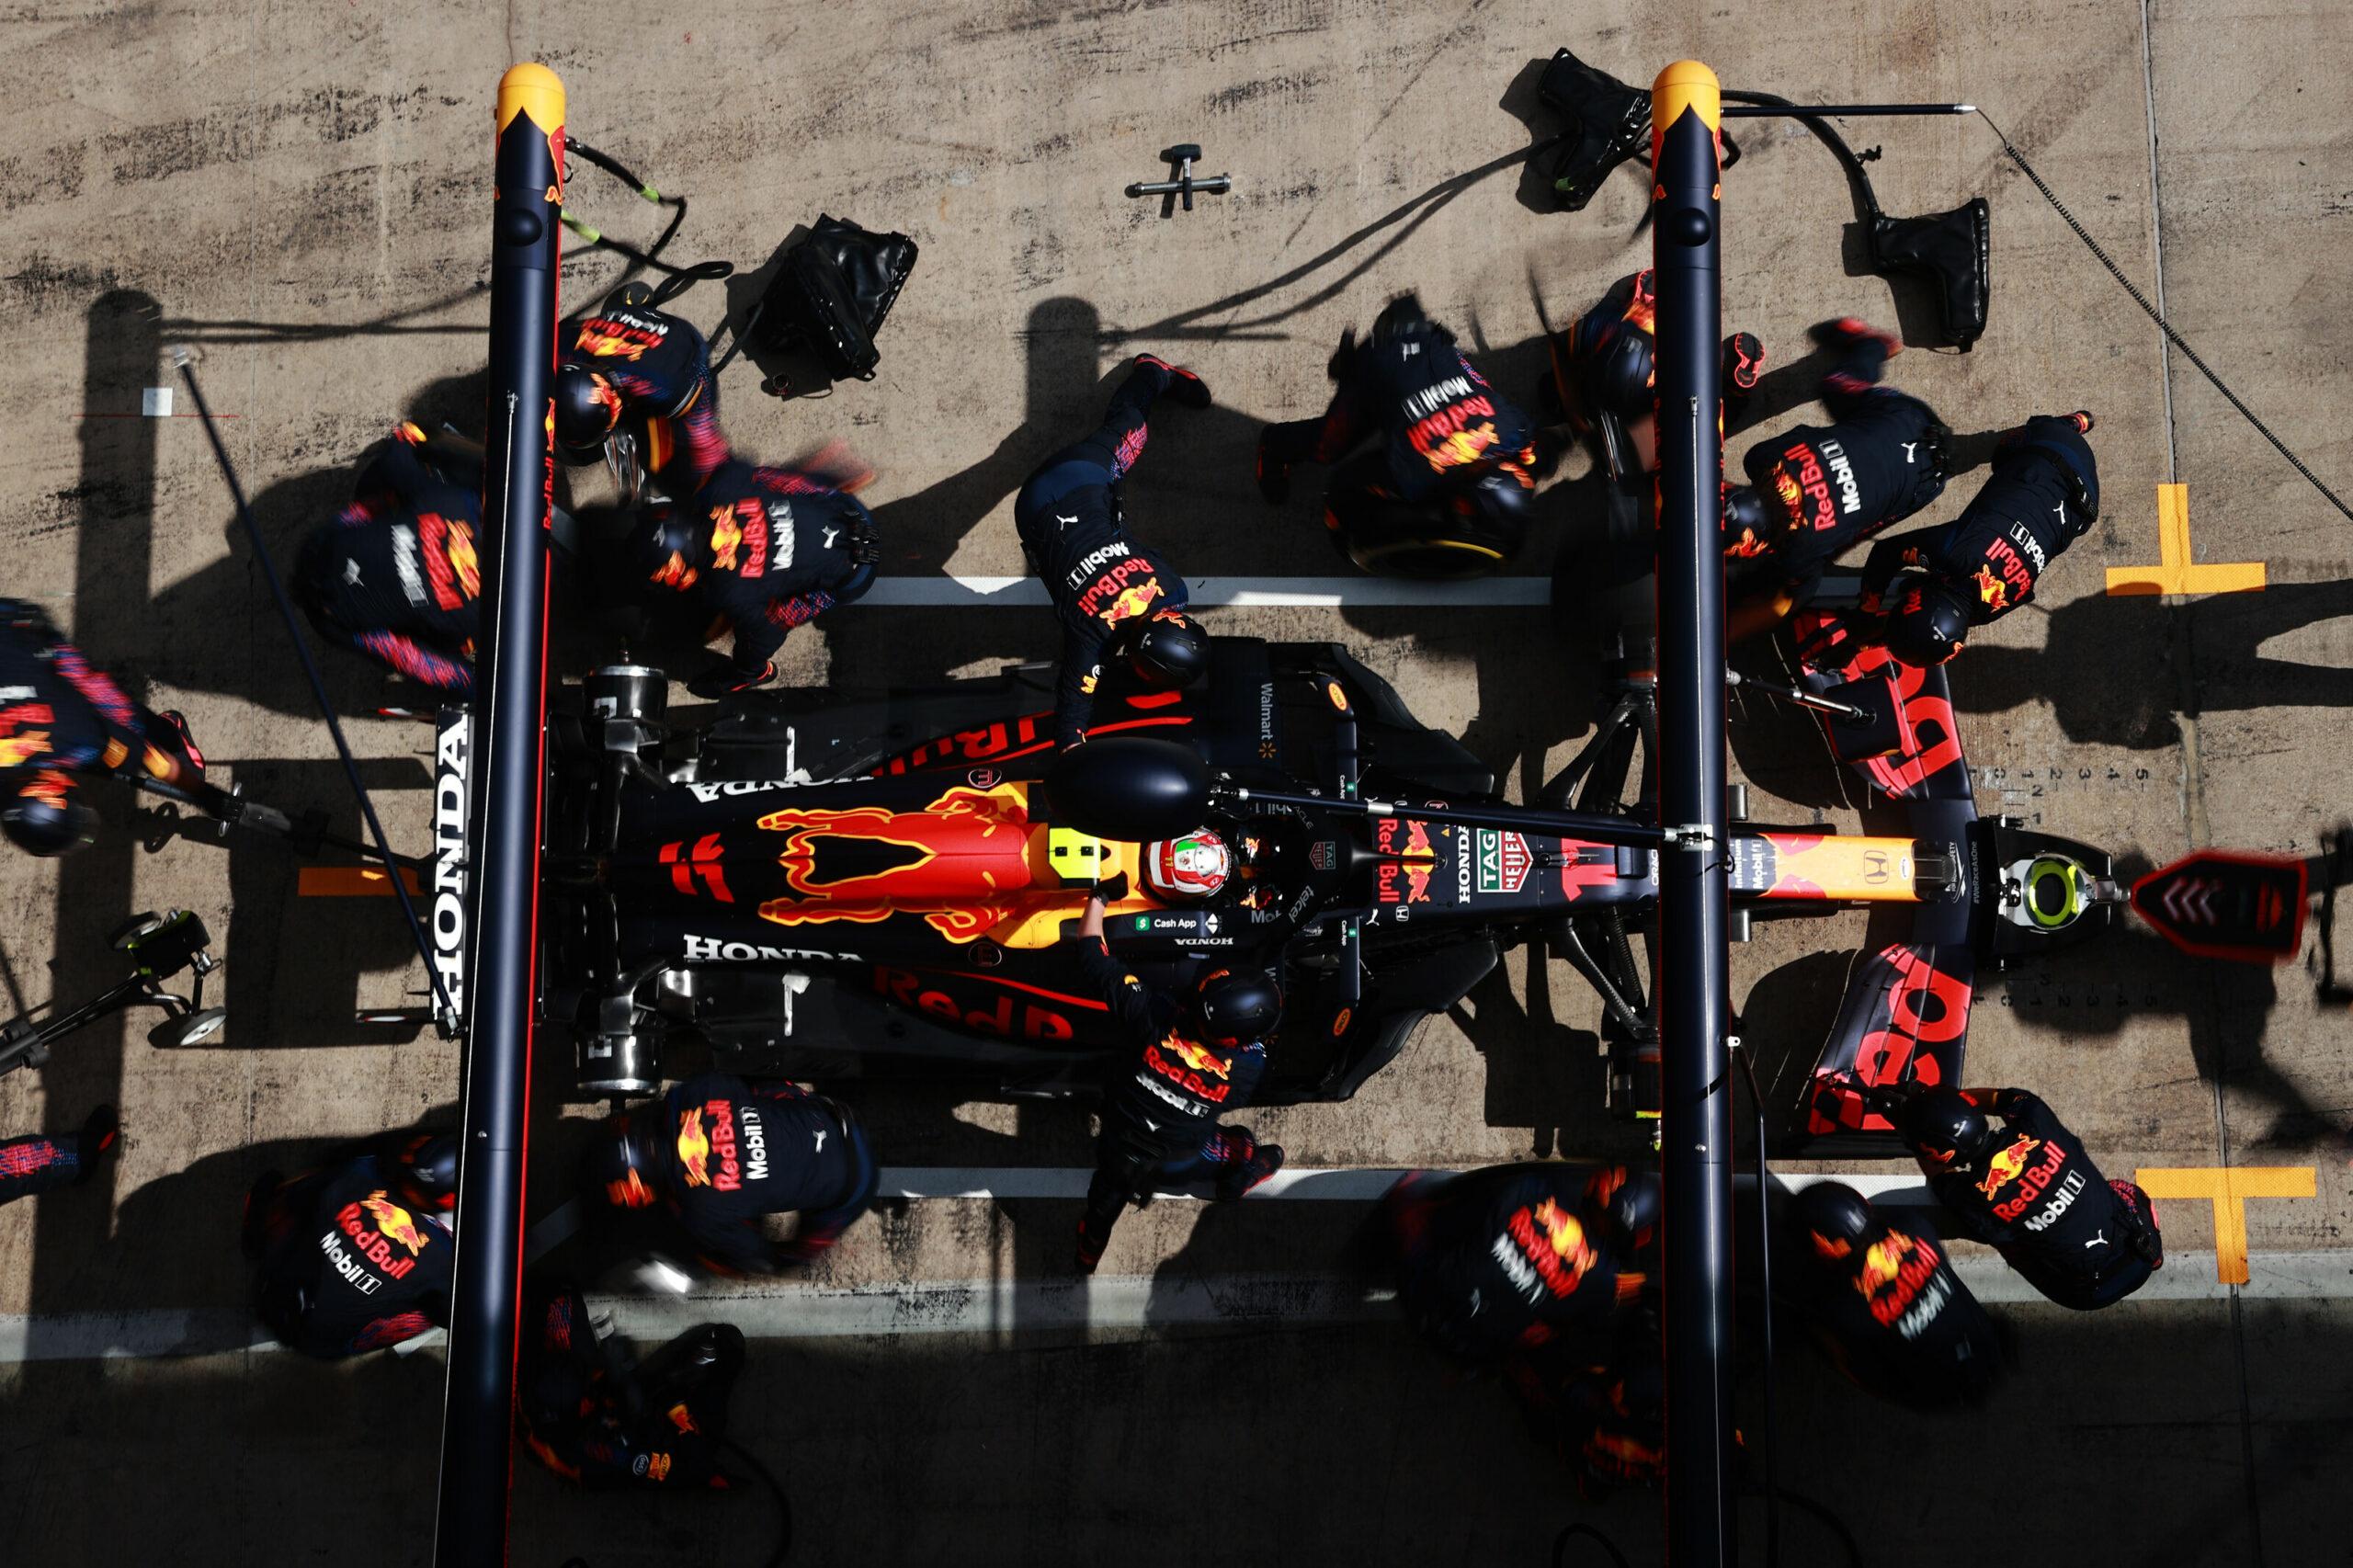 F1 - Horner salue la performance de Perez malgré une erreur de l'équipe ce dimanche